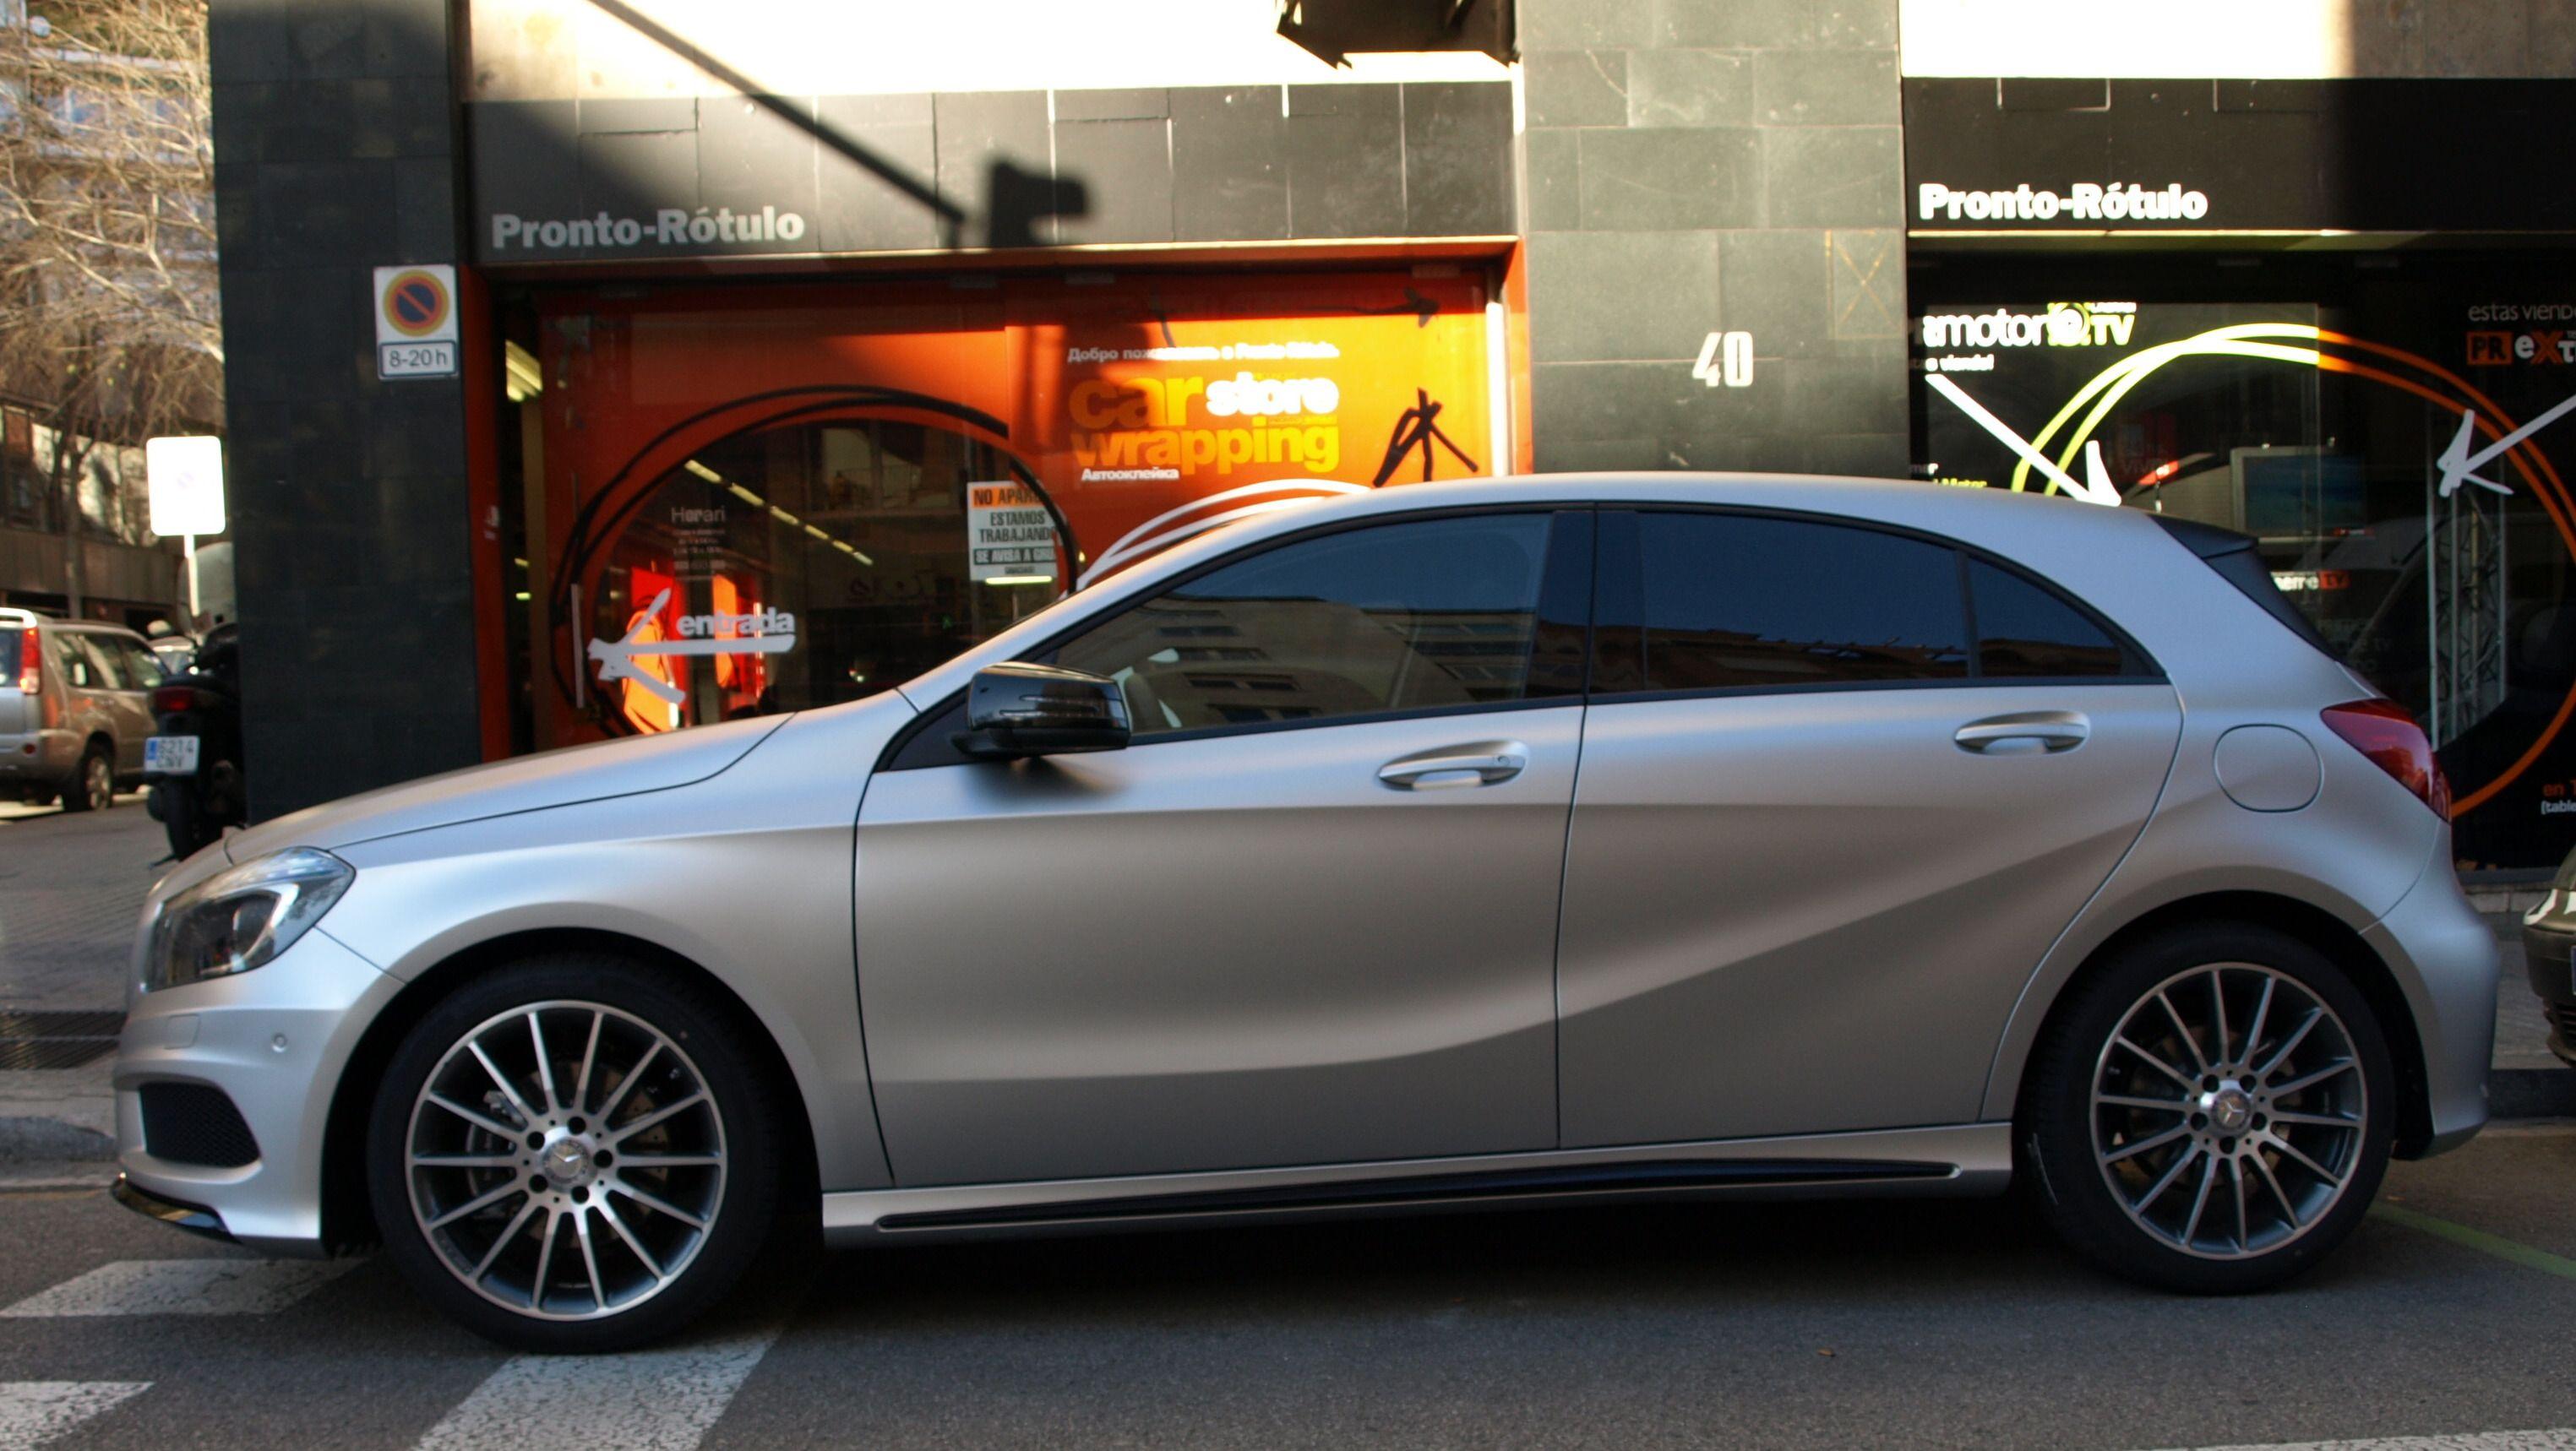 Vinilado Integral De Mercedes Benz Clase A En Gris Plata Mate Metalizado Que Incluye Detalles En Mismo Color Neg Mercedes Benz Clase A Mercedes Benz Mercedes